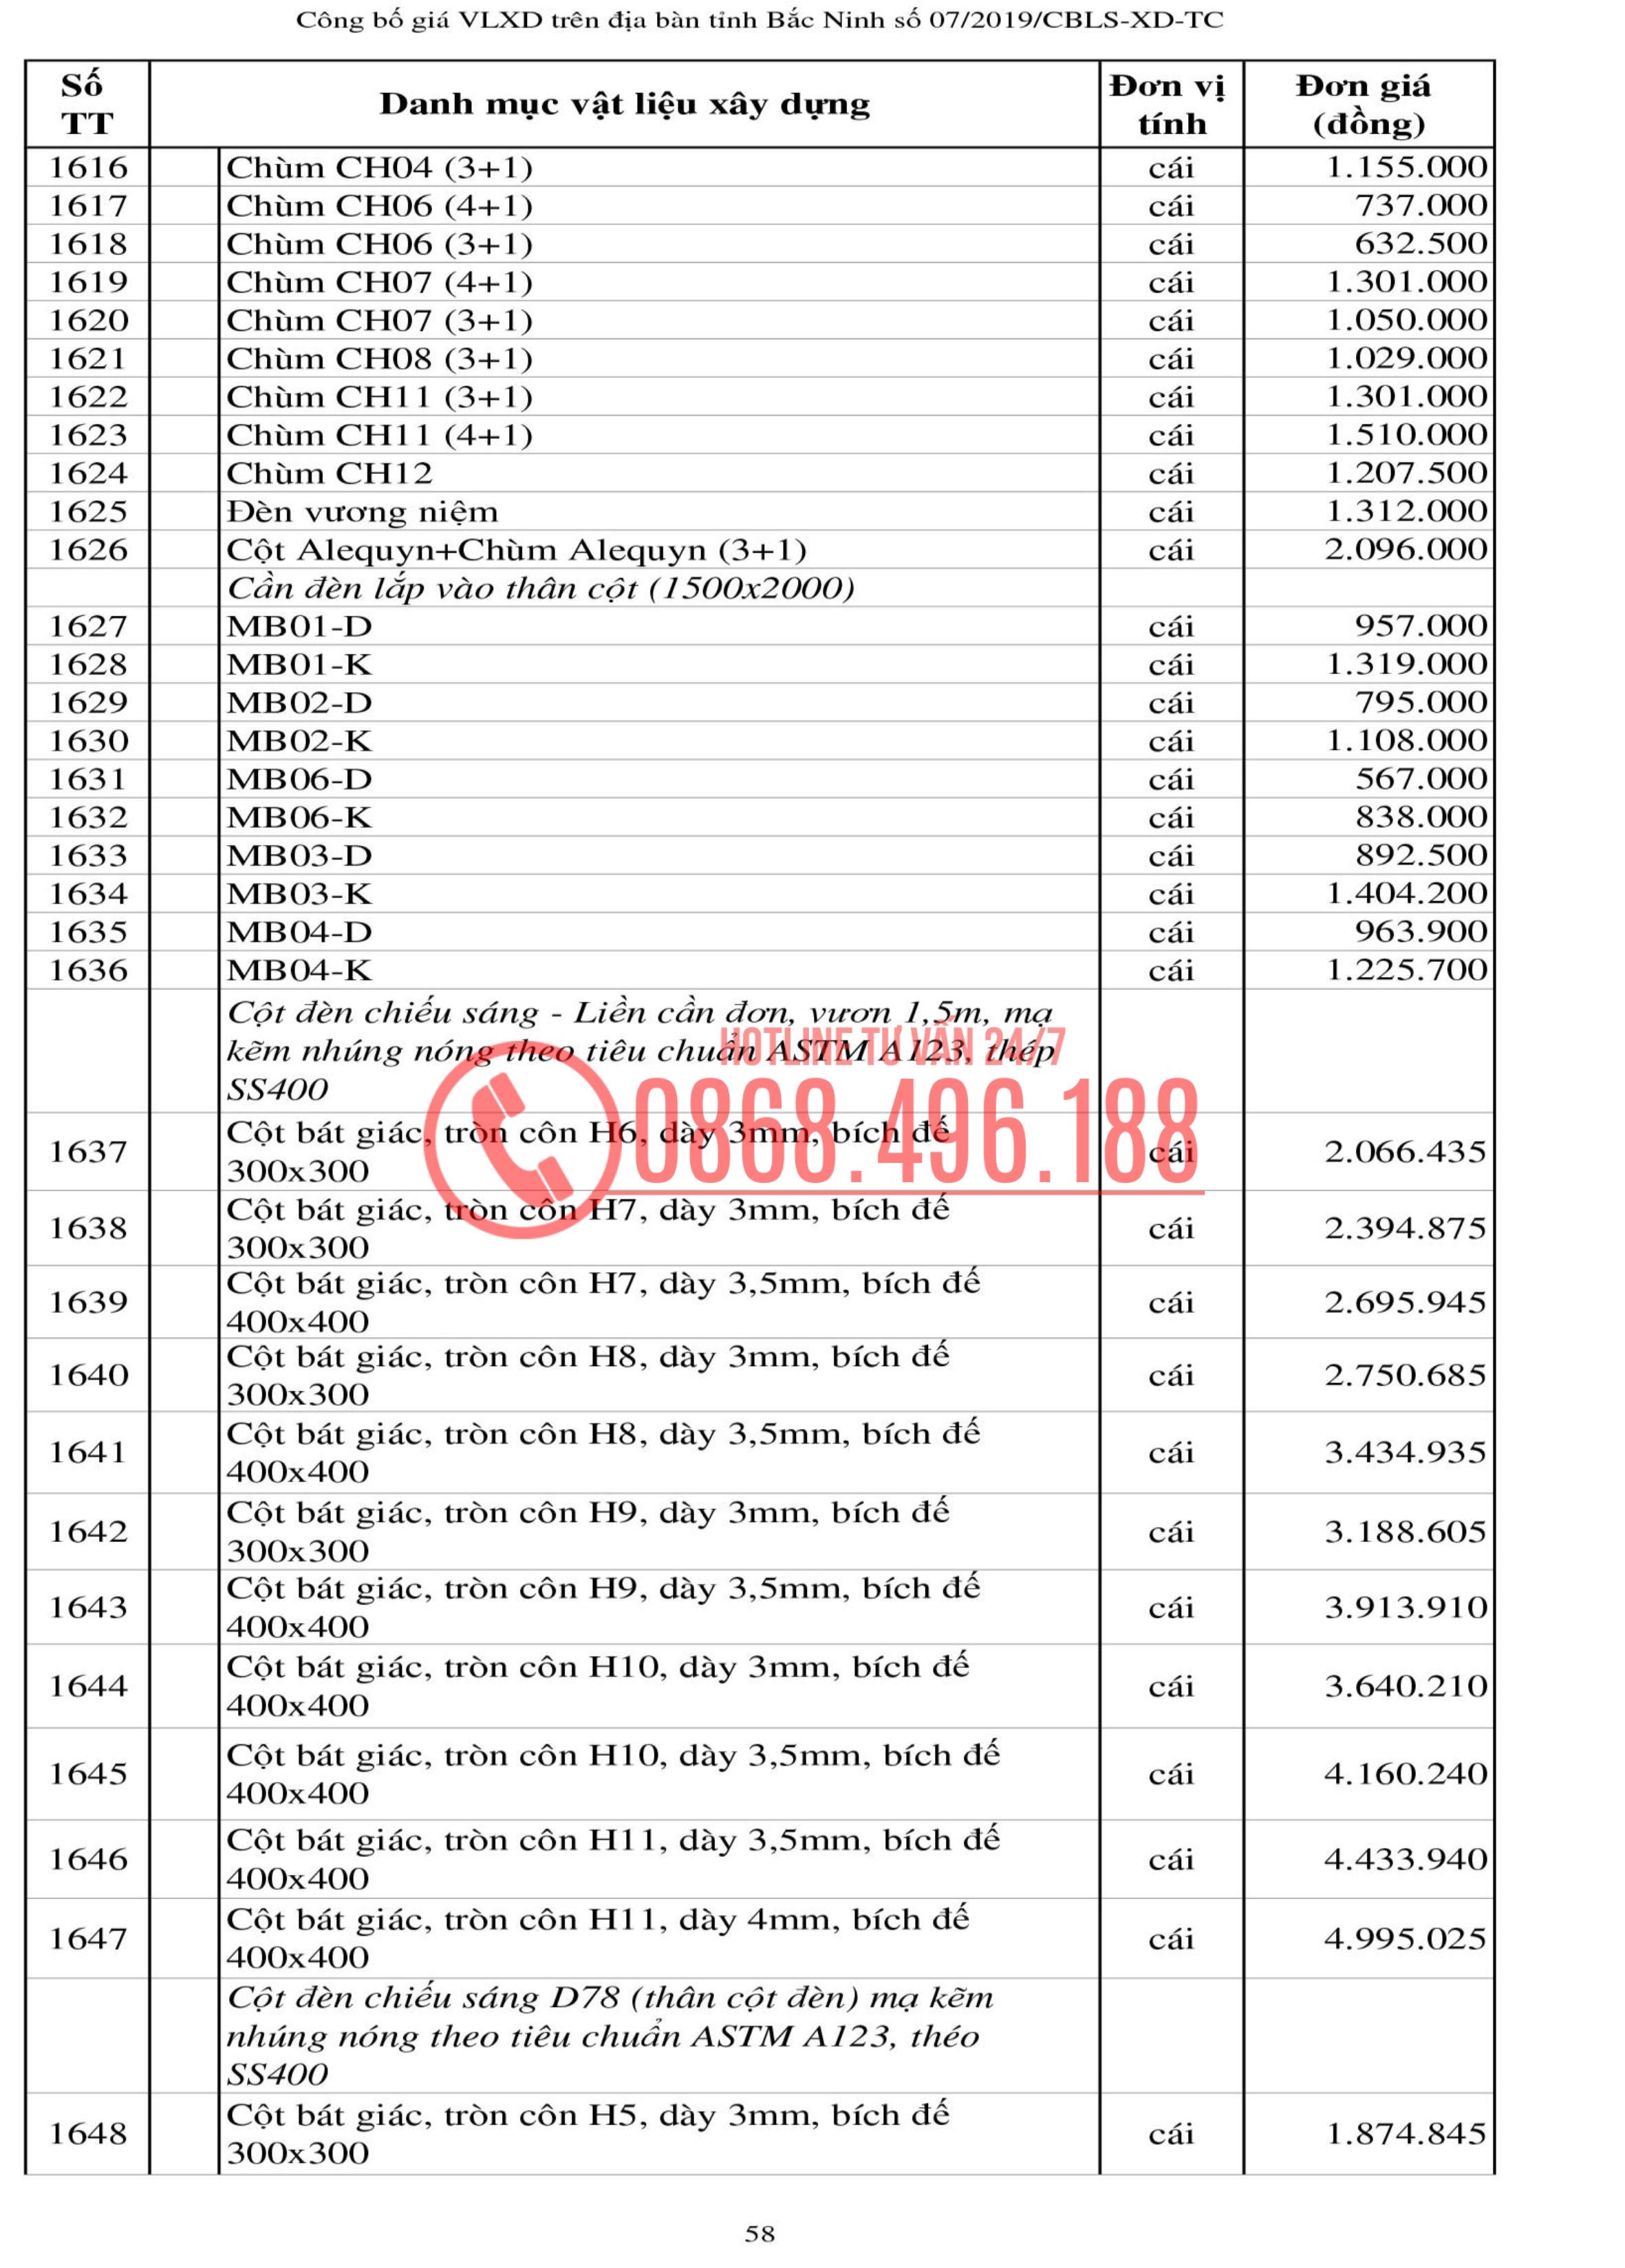 Bảng Giá Liên Sở Xây Dựng Bắc Ninh Quý Iii 2